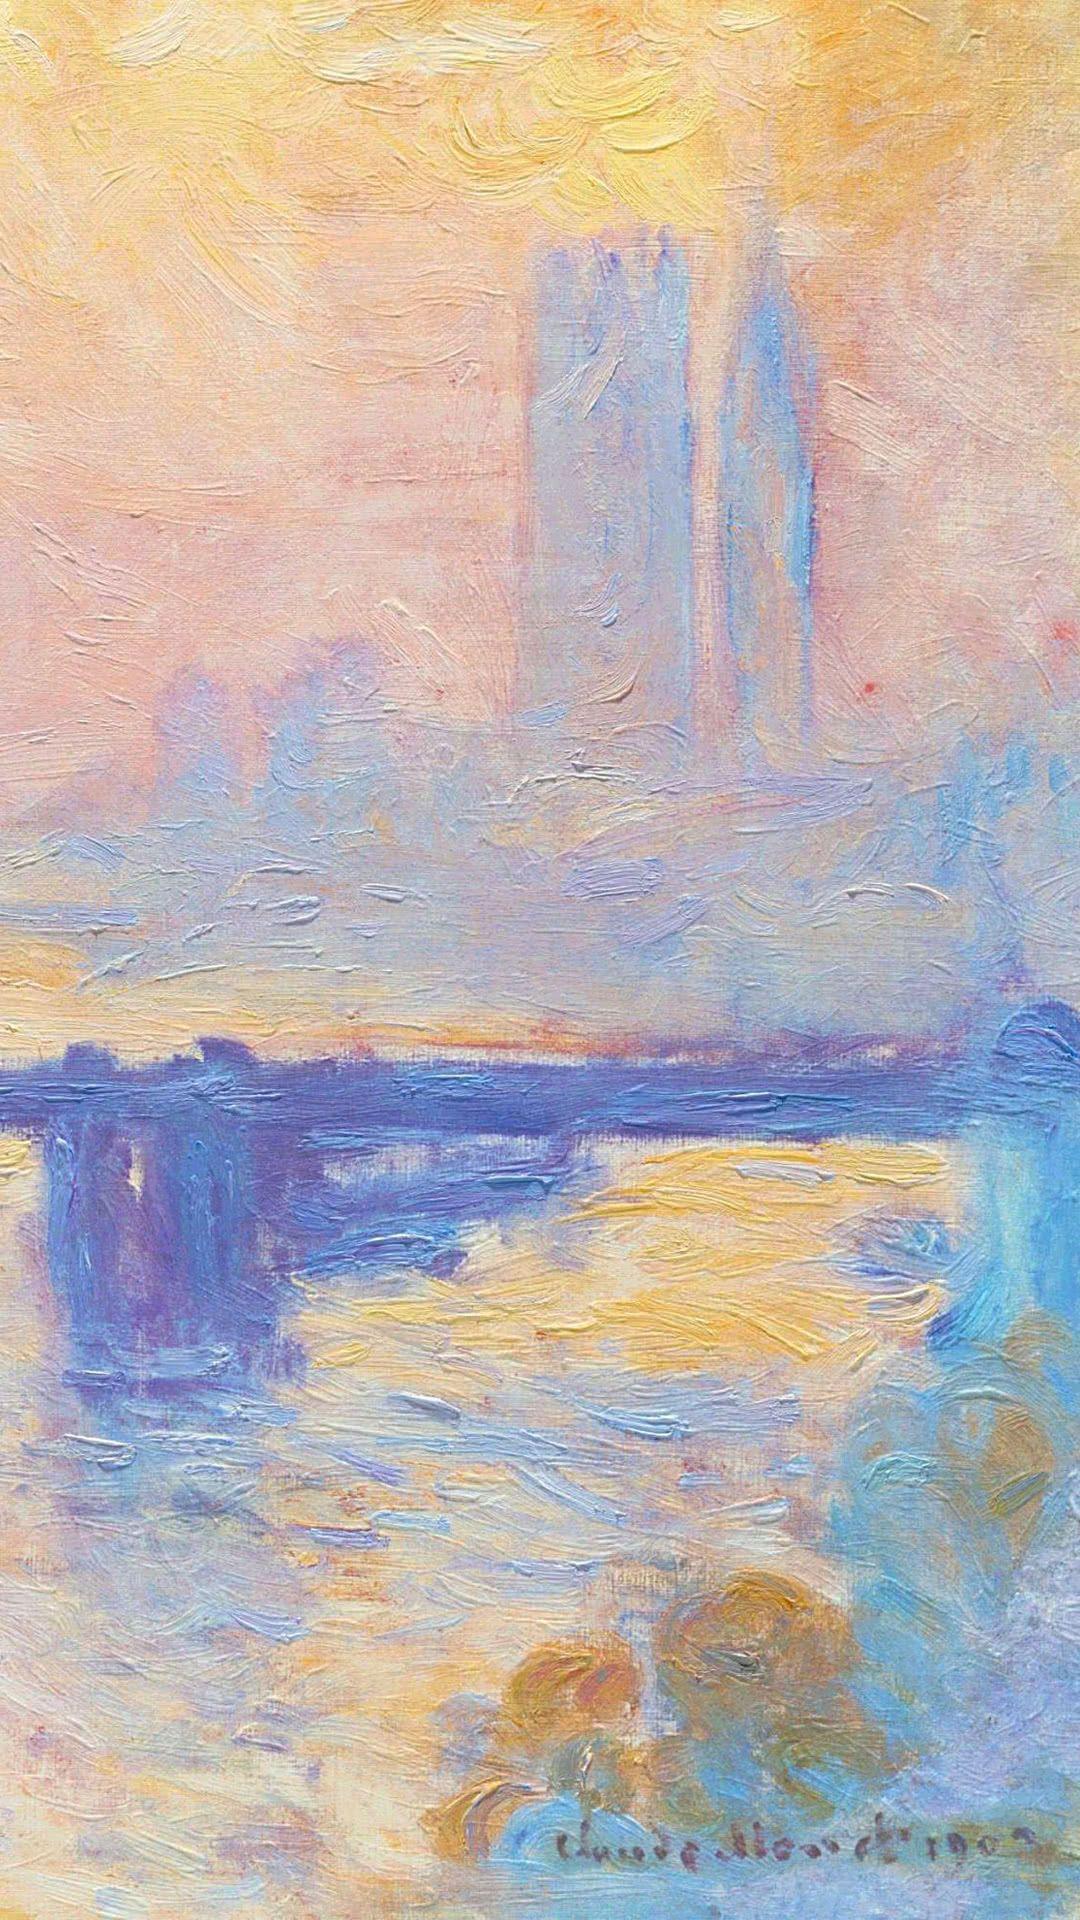 Claude Monet Charing Cross Bridge Claude Monet In 2019 モネ